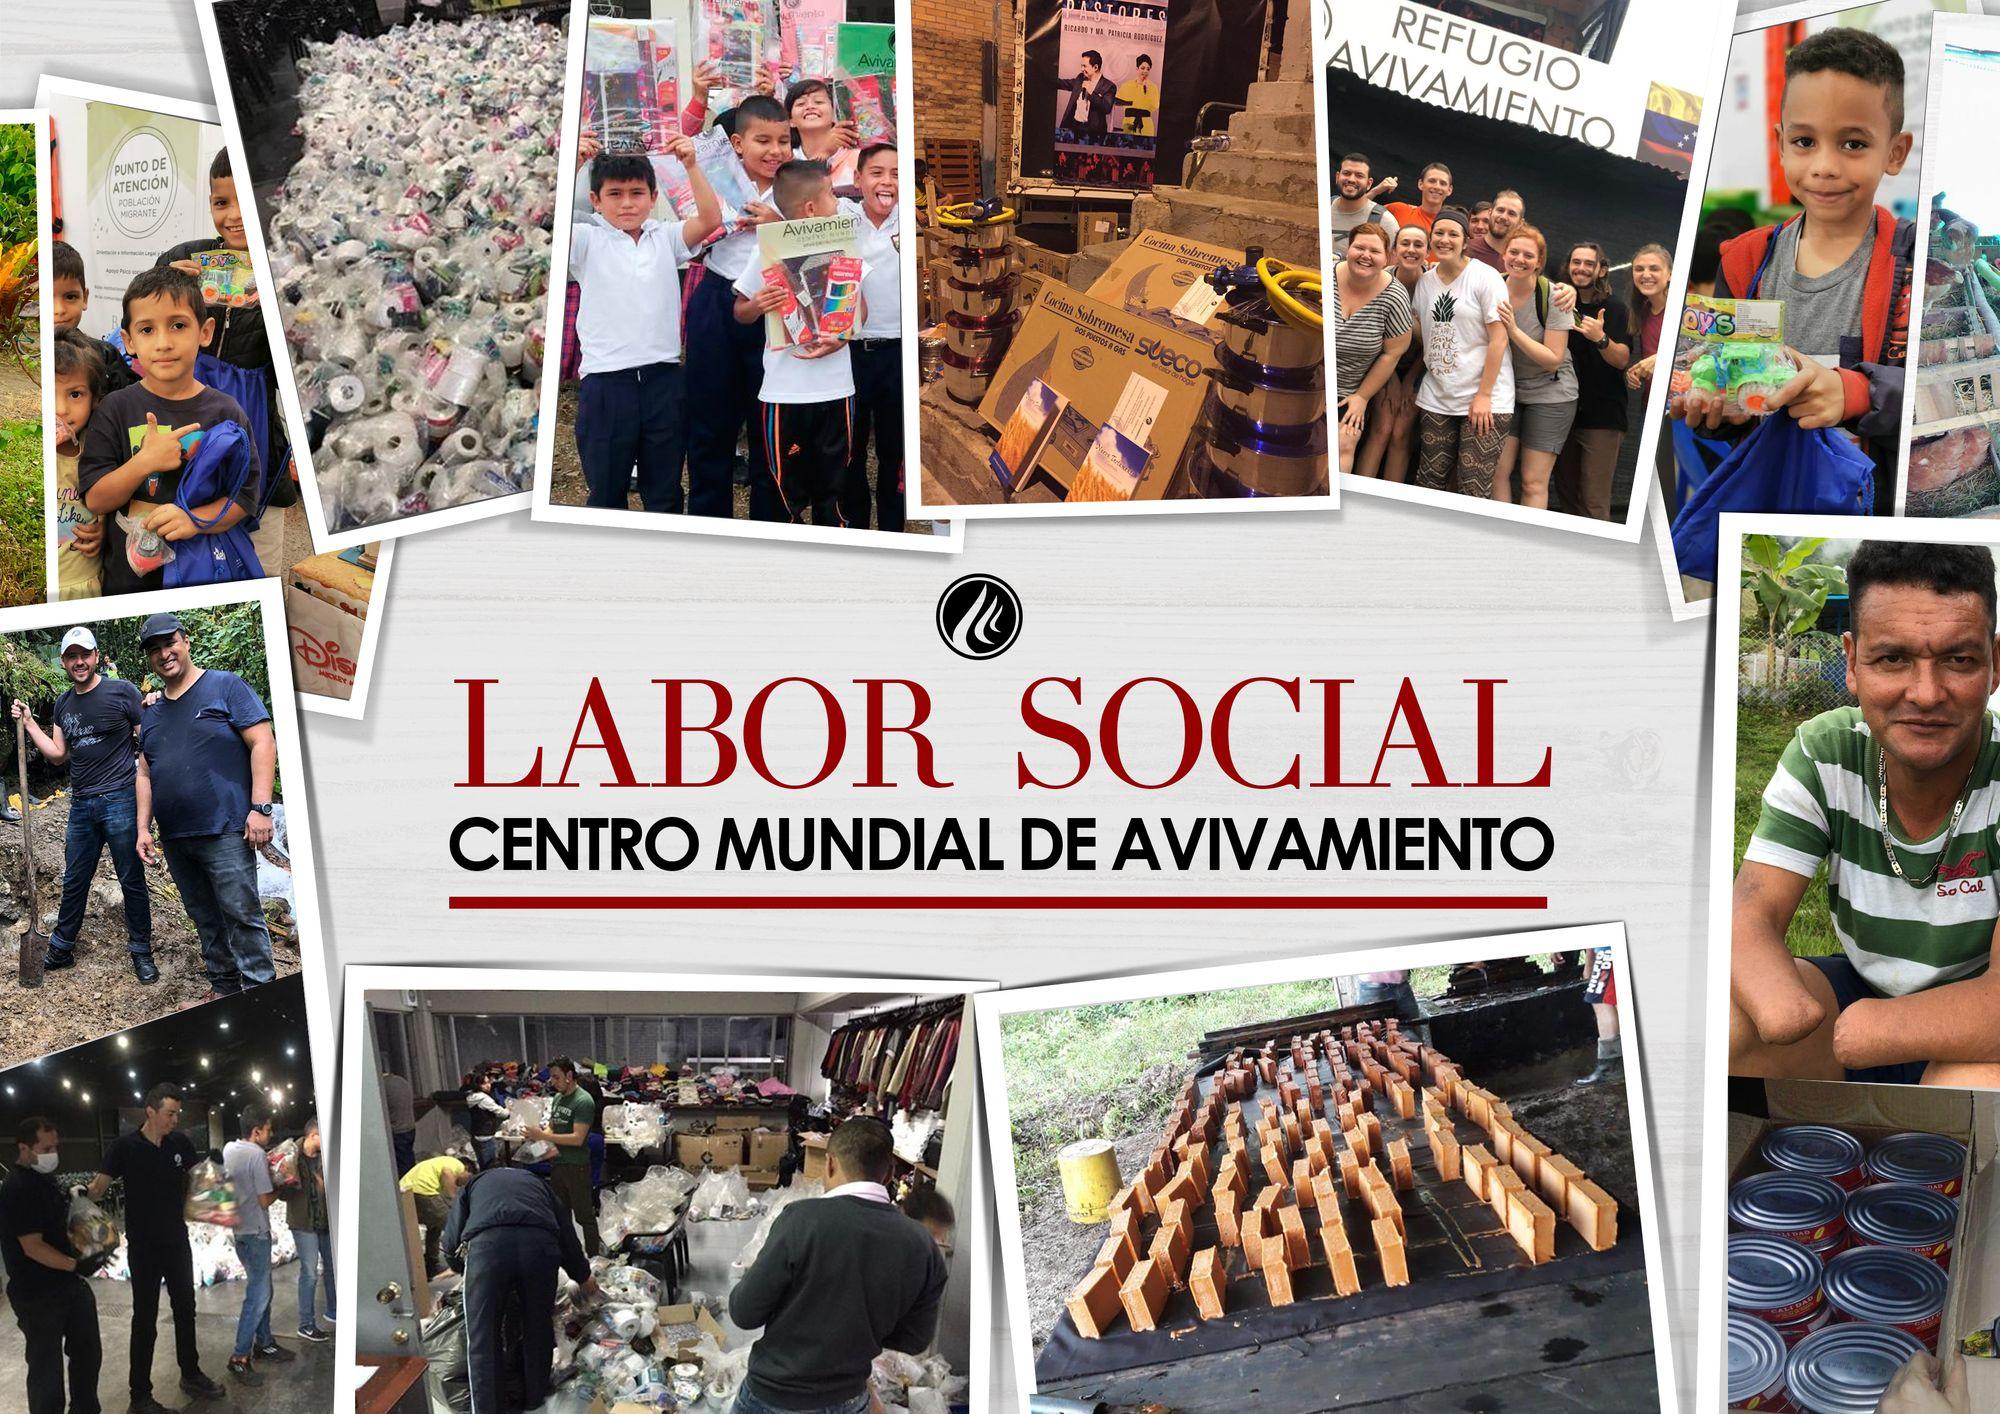 Labor social del Centro Mundial de Avivamiento